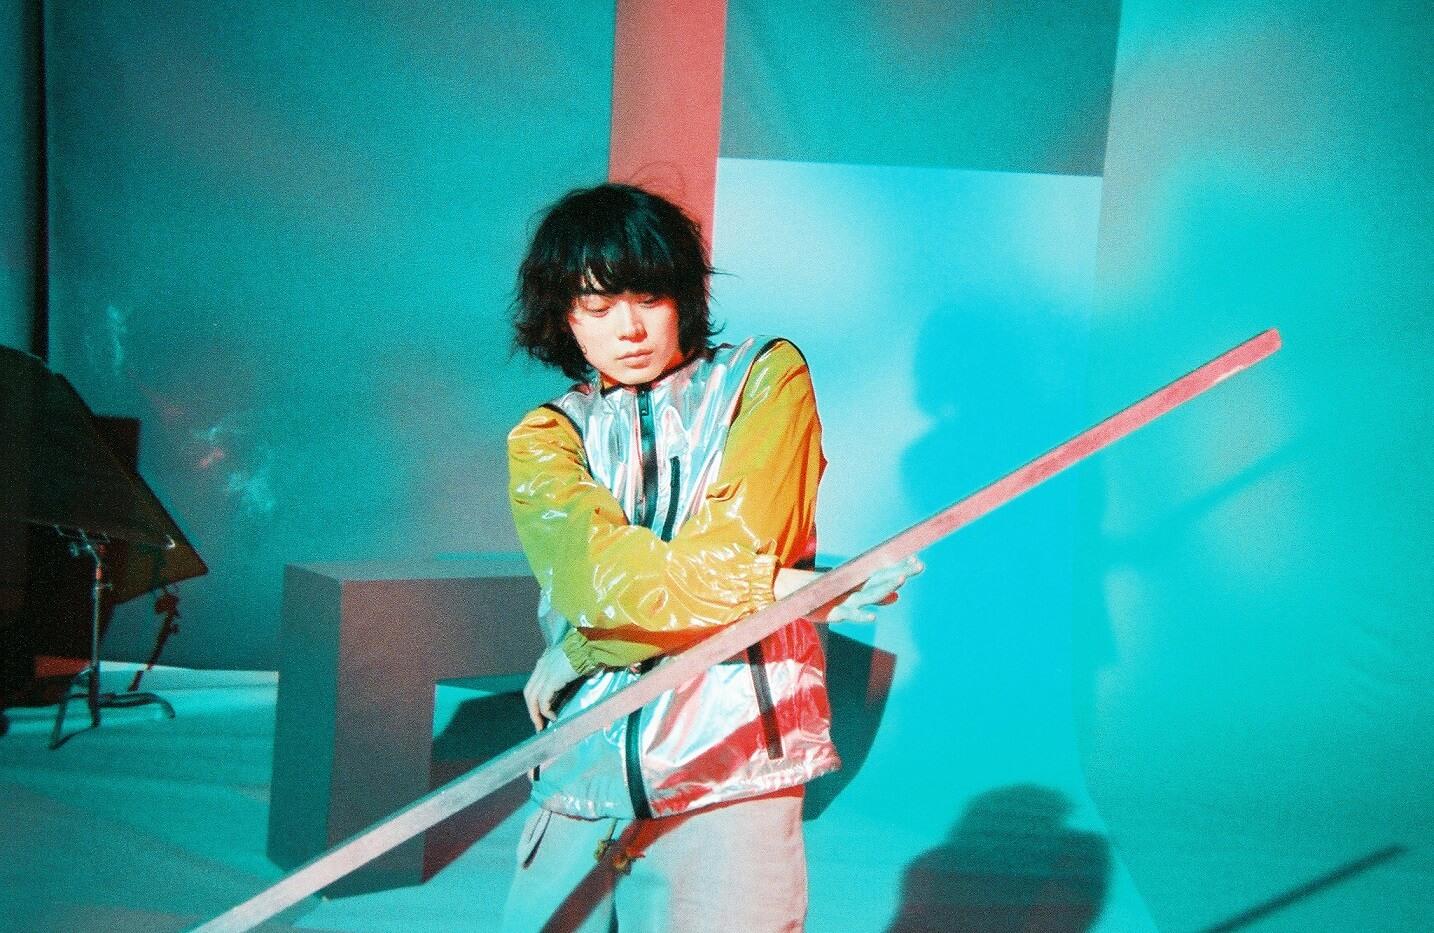 菅田将暉、舞台上でキスの思い出明かす「あれが僕の初恋」サムネイル画像